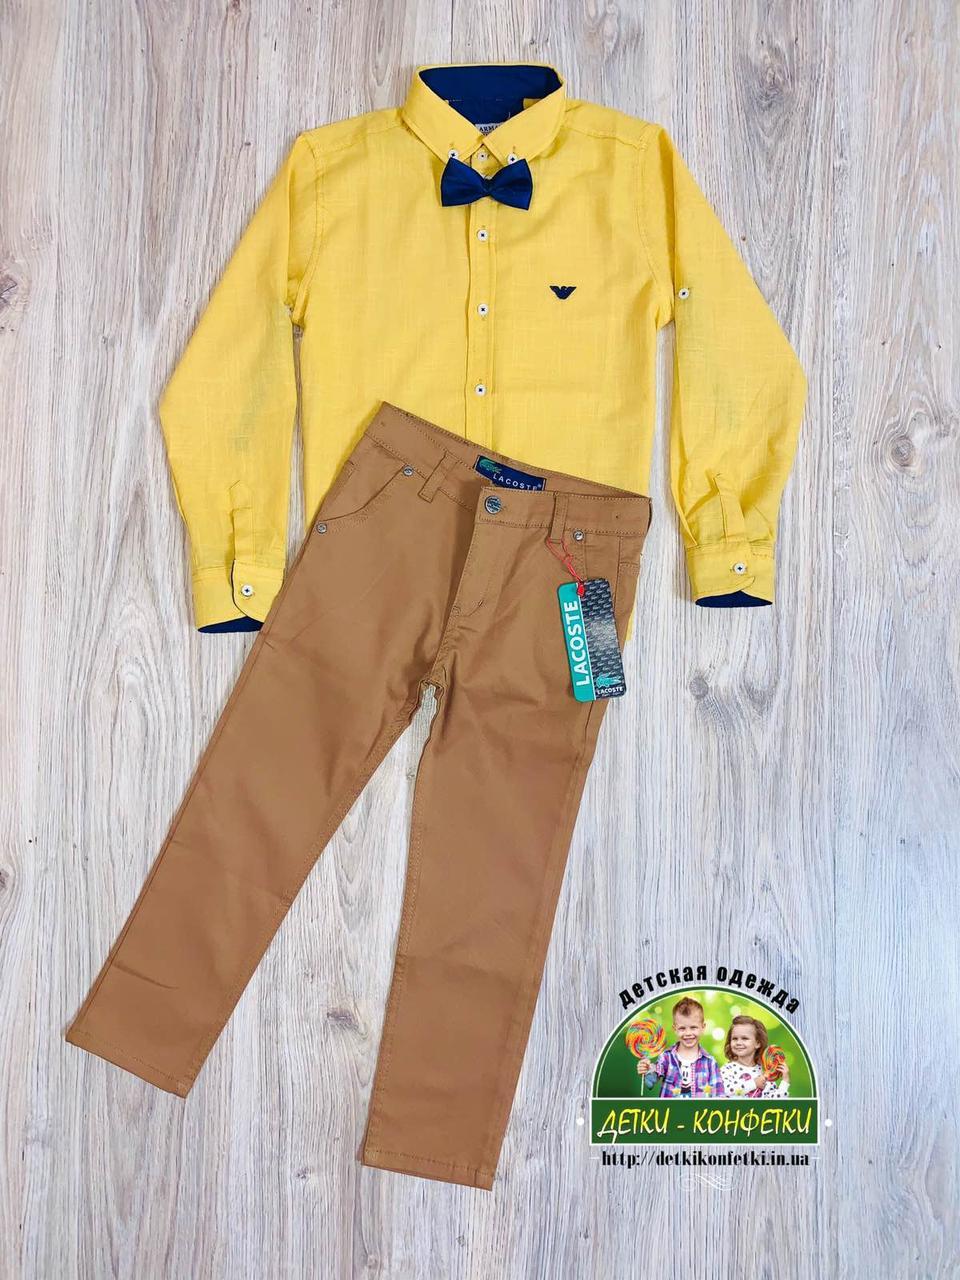 Стильный костюм для мальчика: желтая рубашка Armani  и коричневые брюки джинсы Lacoste